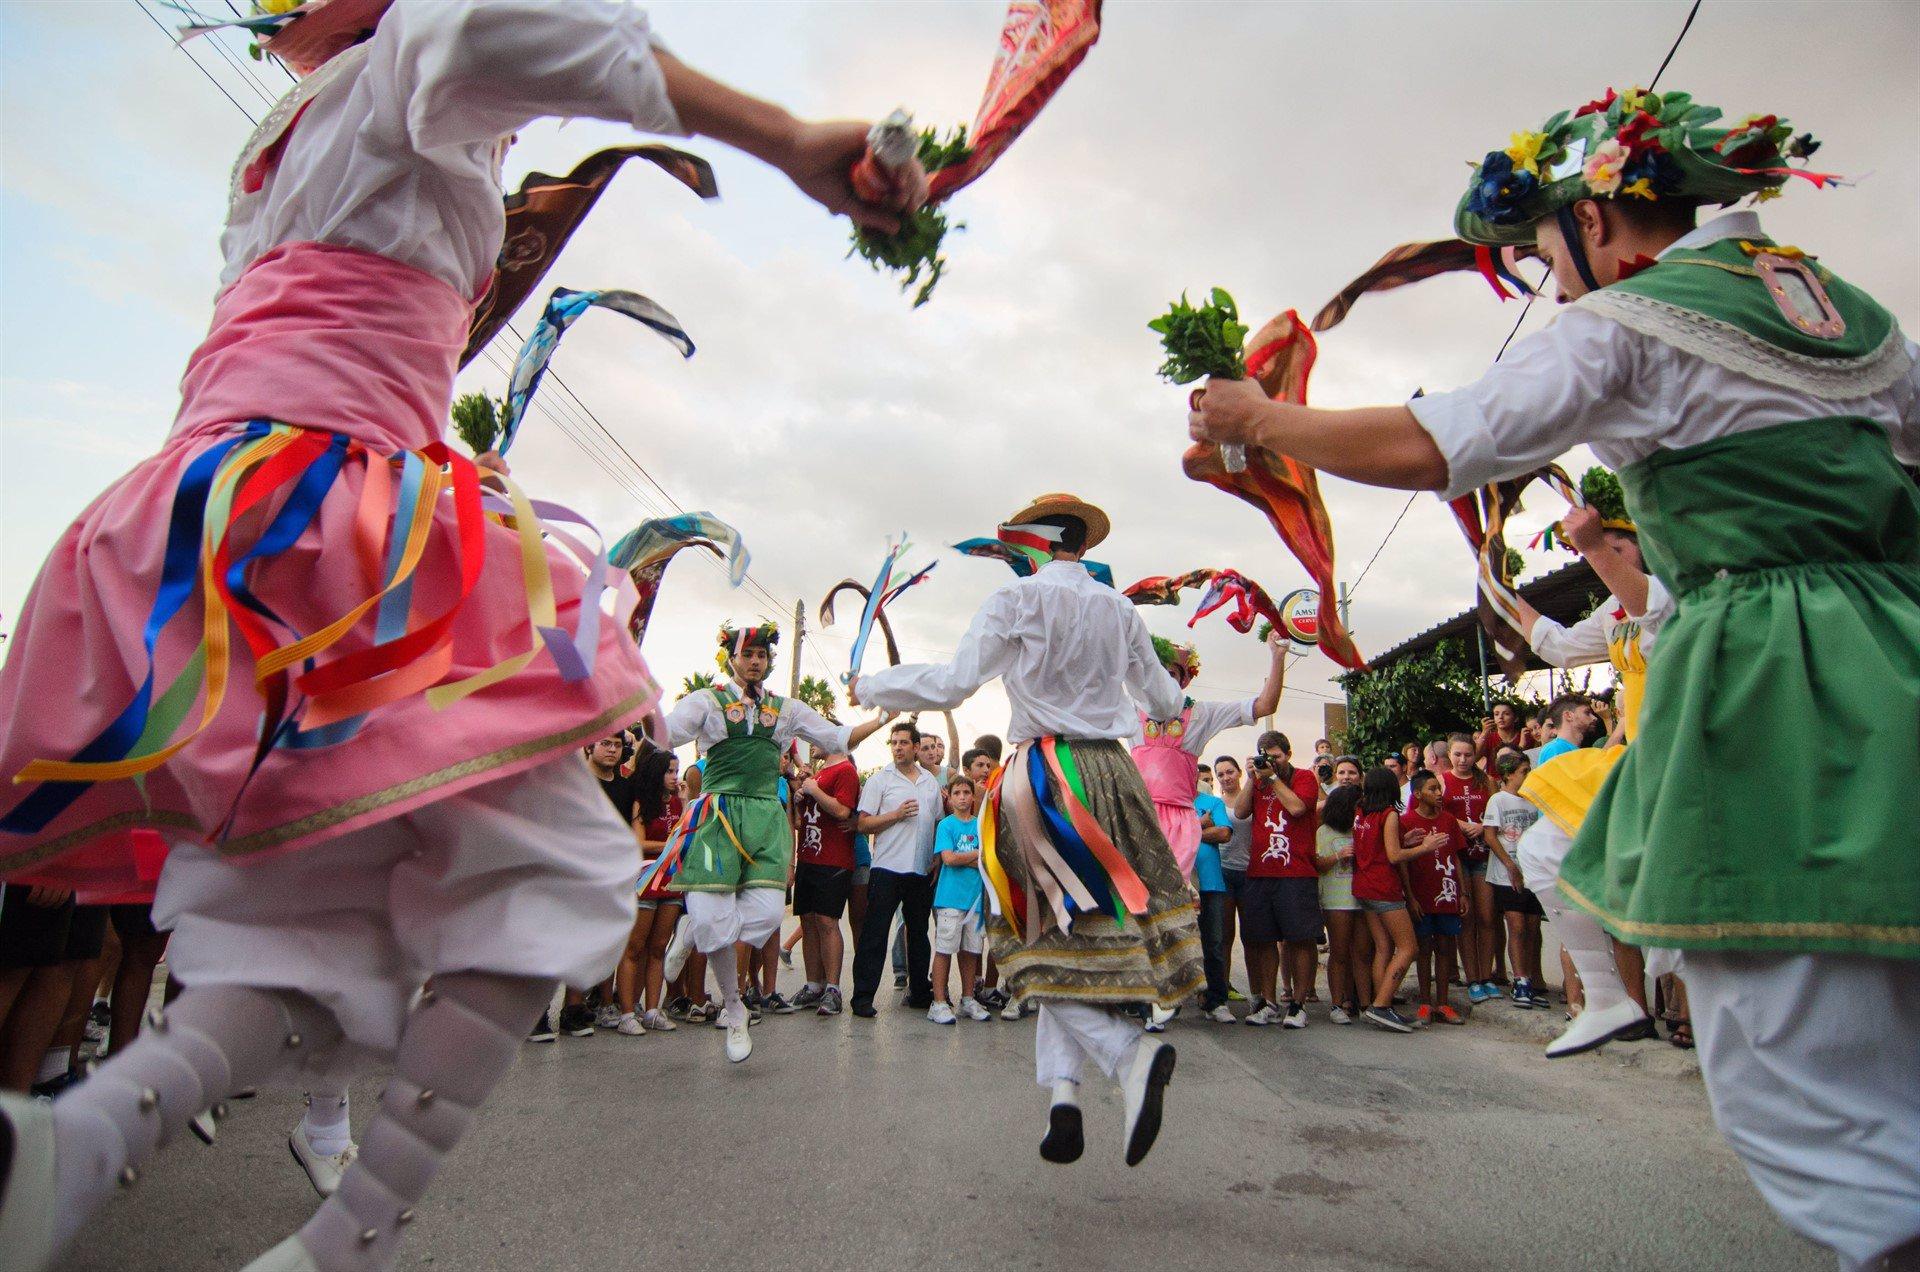 Los 'cossiers' de Montuïri reciben la distinción de Fiesta de Interés Cultural